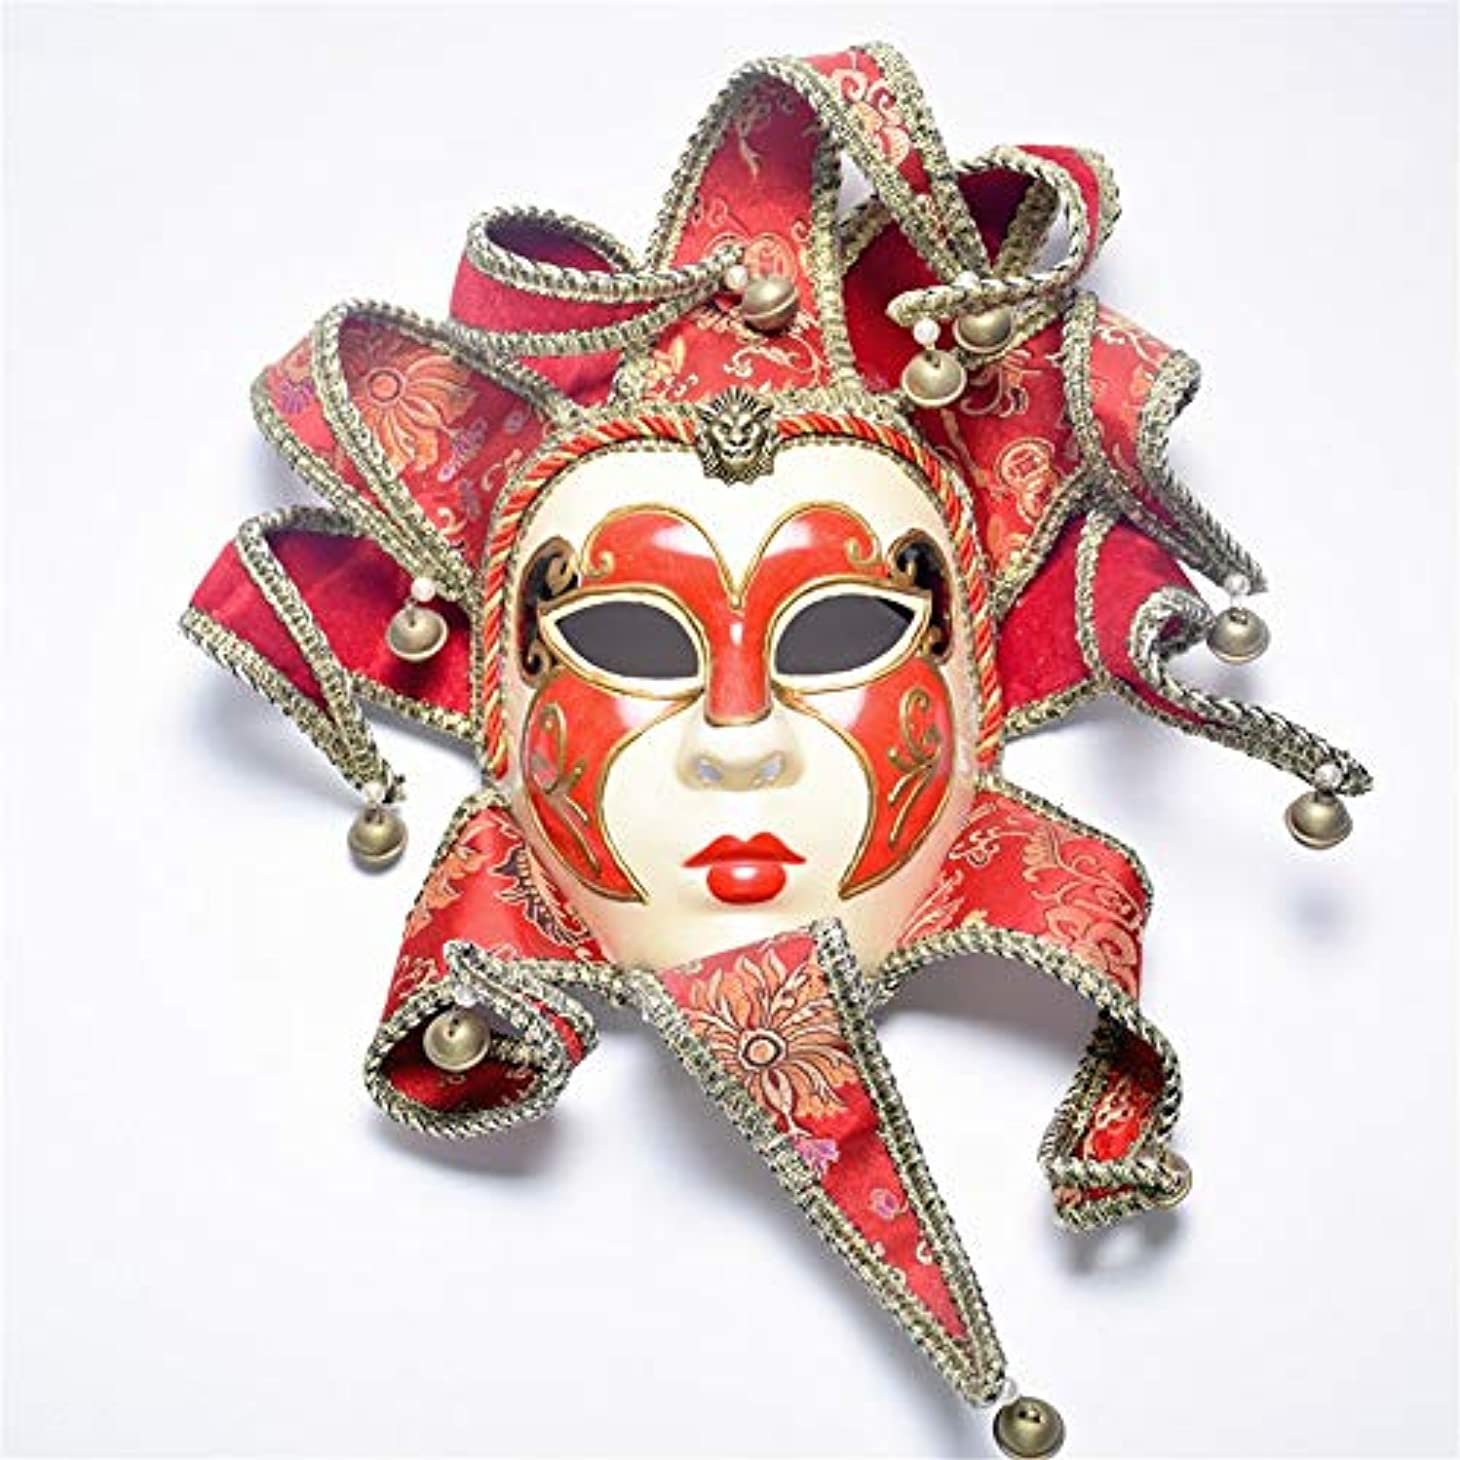 ねじれ生まれ船ダンスマスク フルフェイスマスク高級パーティーベルマスク女性マスククリスマスフェスティバルロールプレイングプラスチックマスク ホリデーパーティー用品 (色 : 赤, サイズ : 49x29cm)